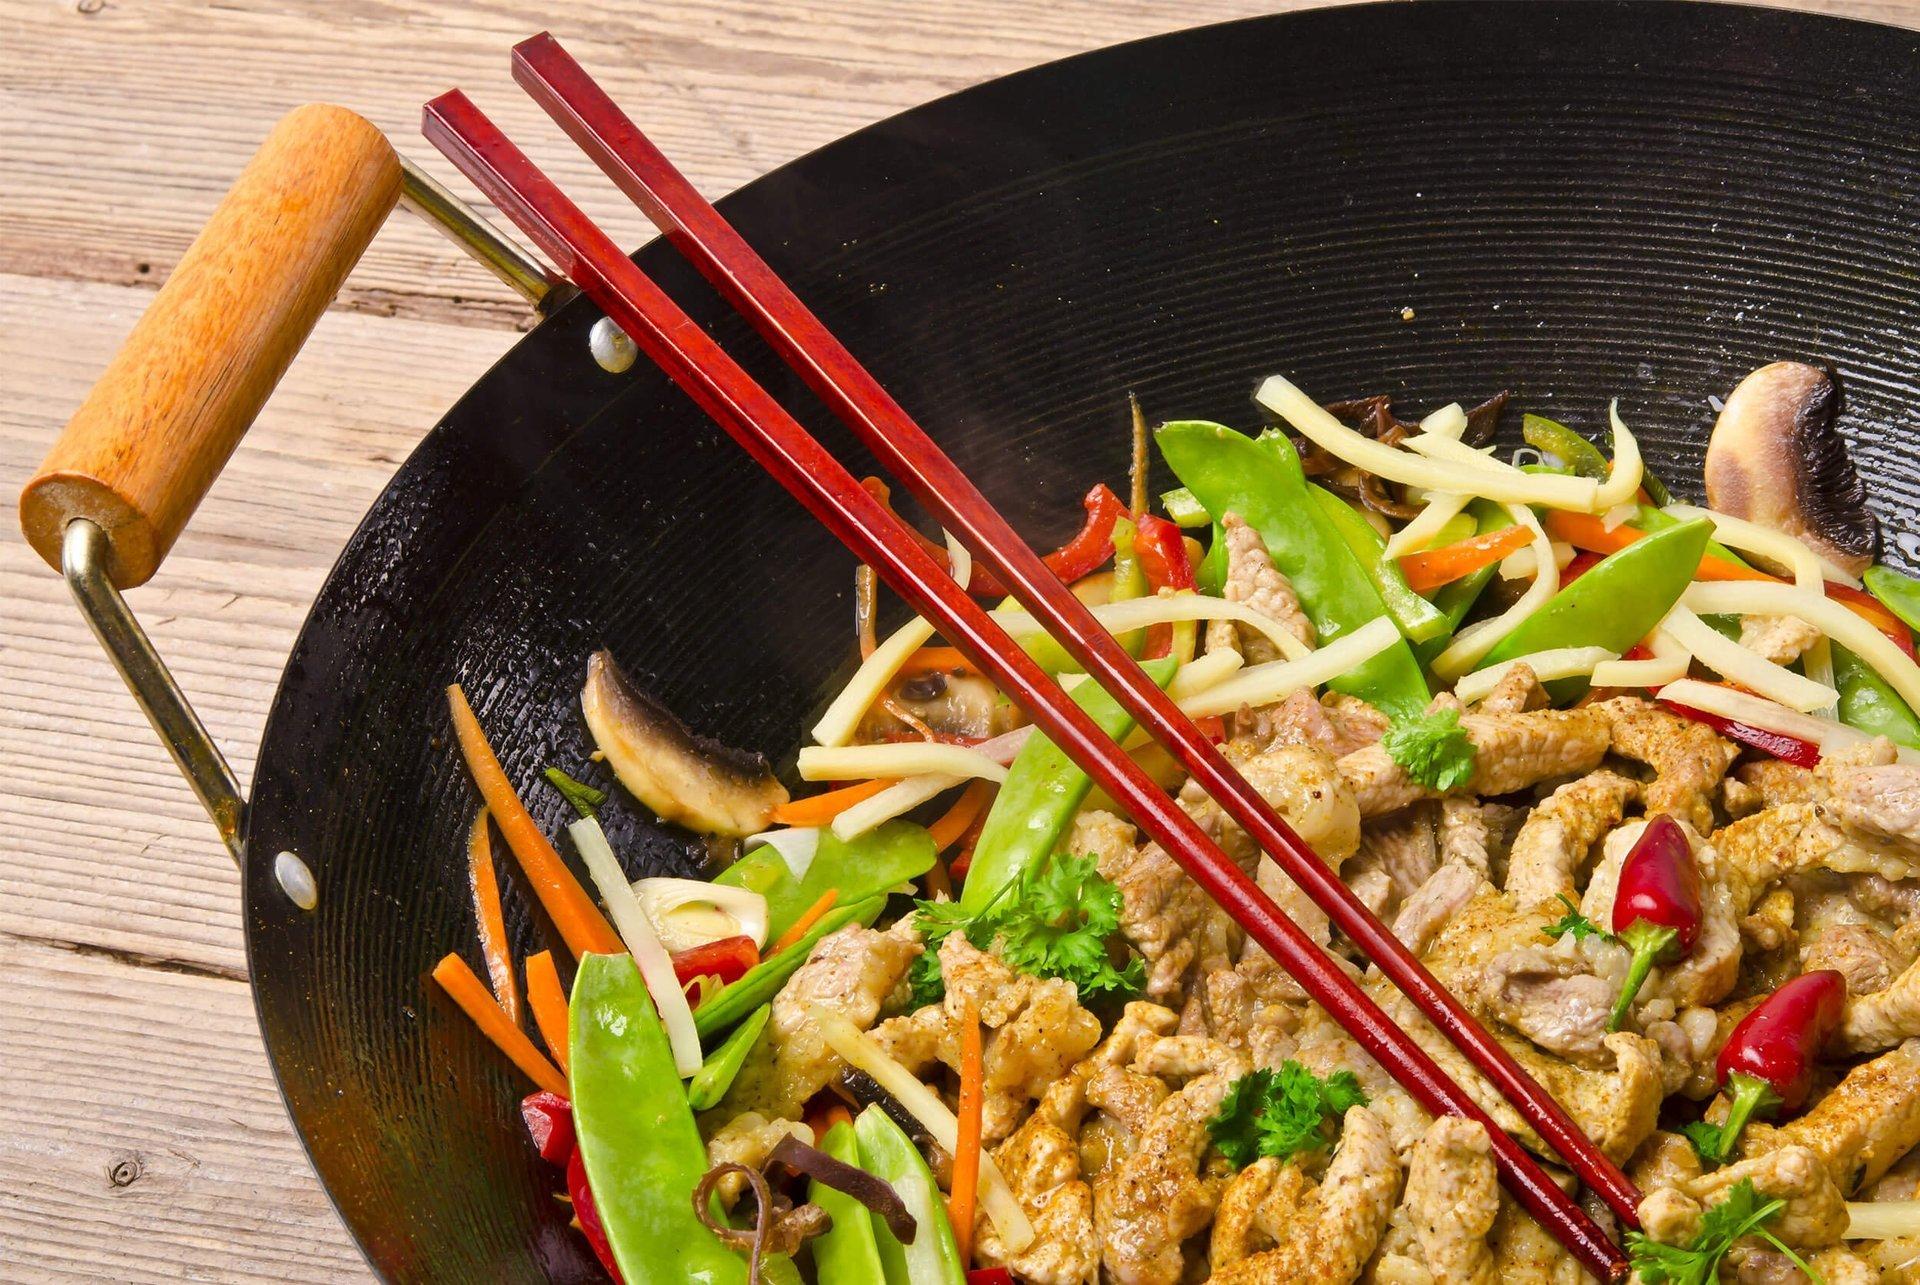 carne e verdure salate servite in un piatto nero